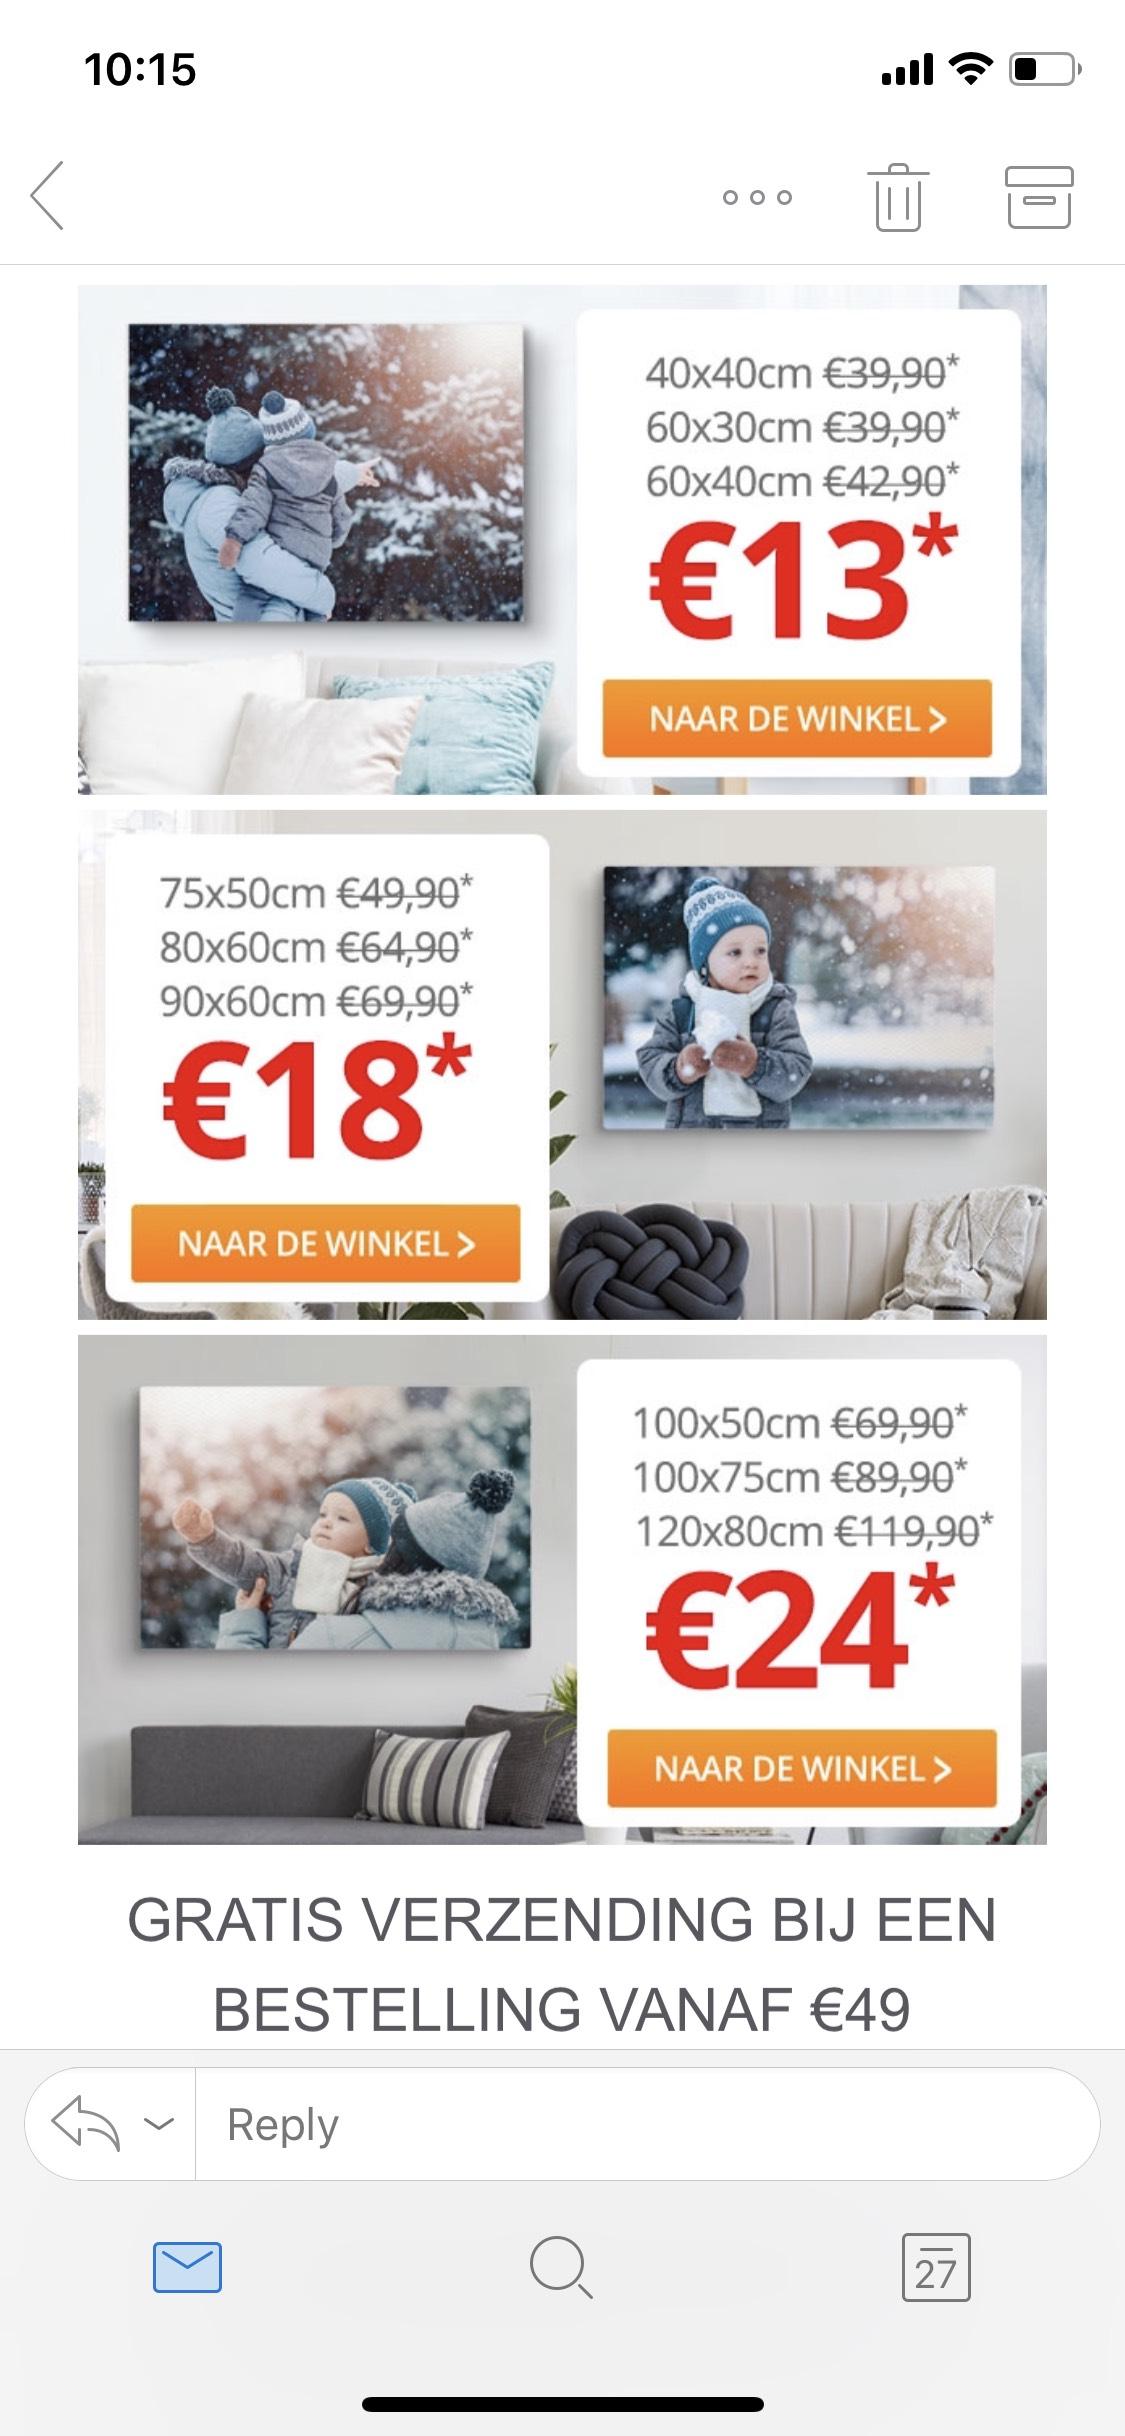 Canvas doeken met hoge korting bijv. 60x40 voor 13 euro